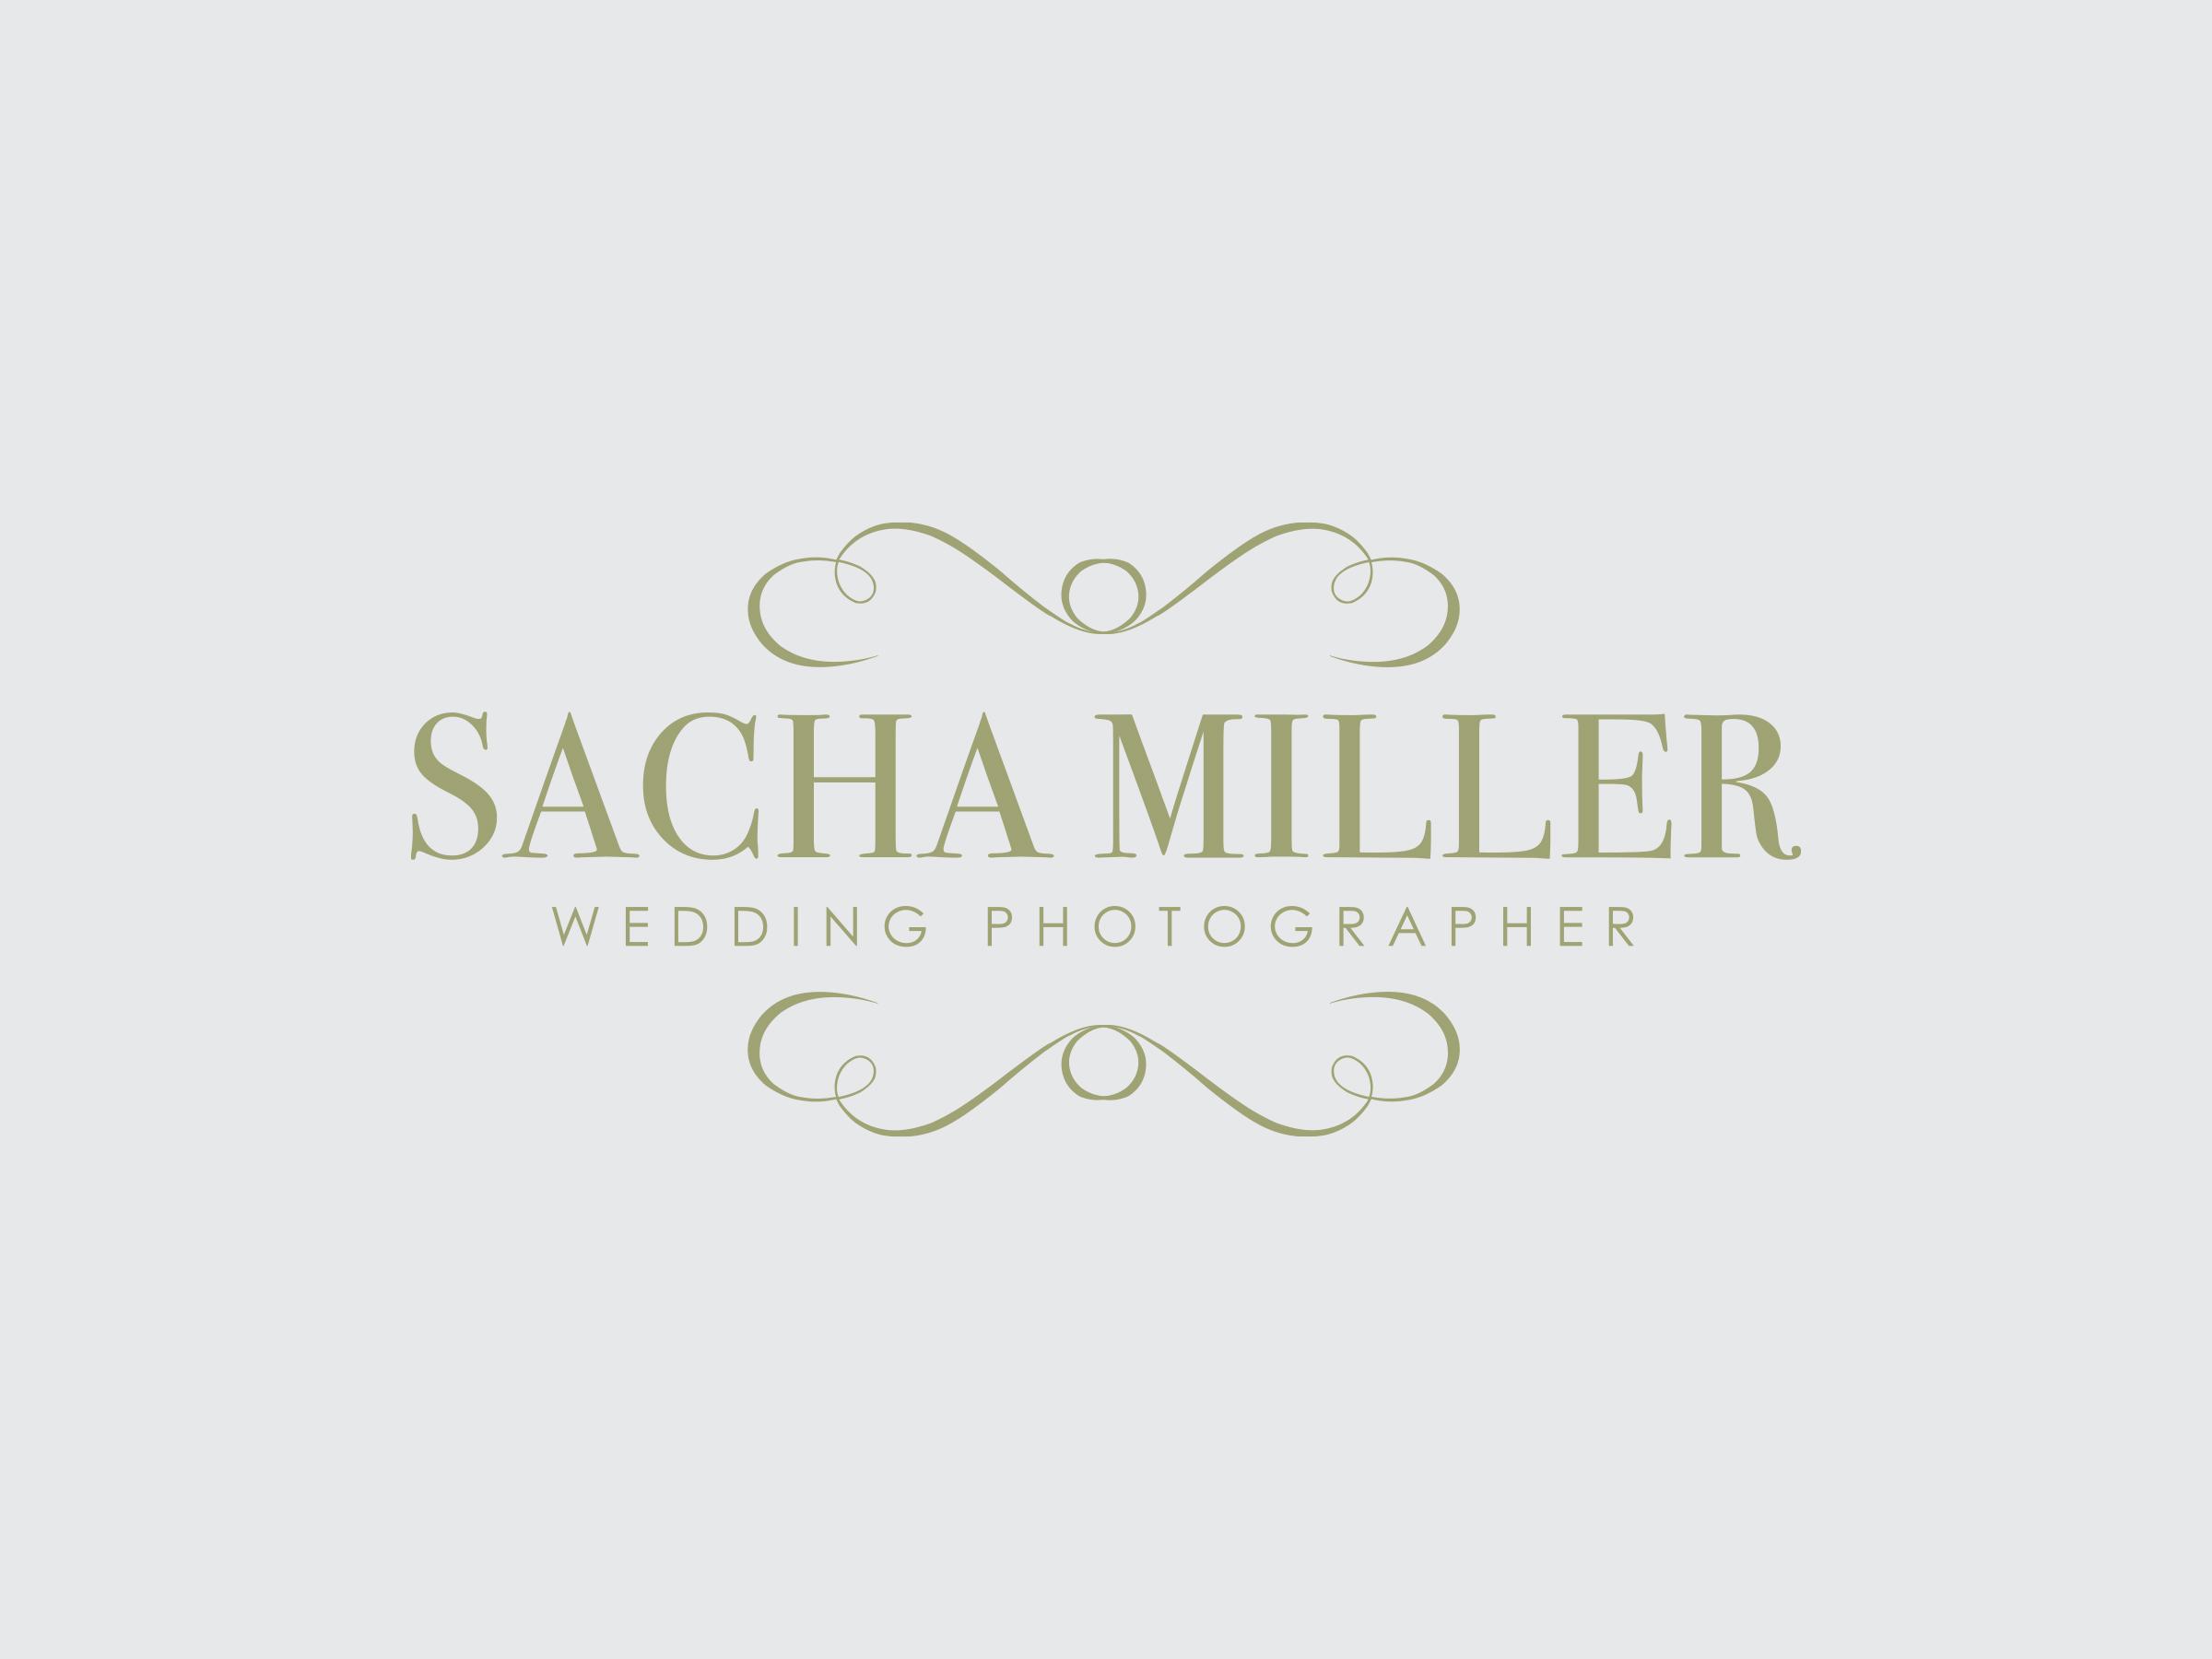 Sacha-Miller_logo-1.jpg